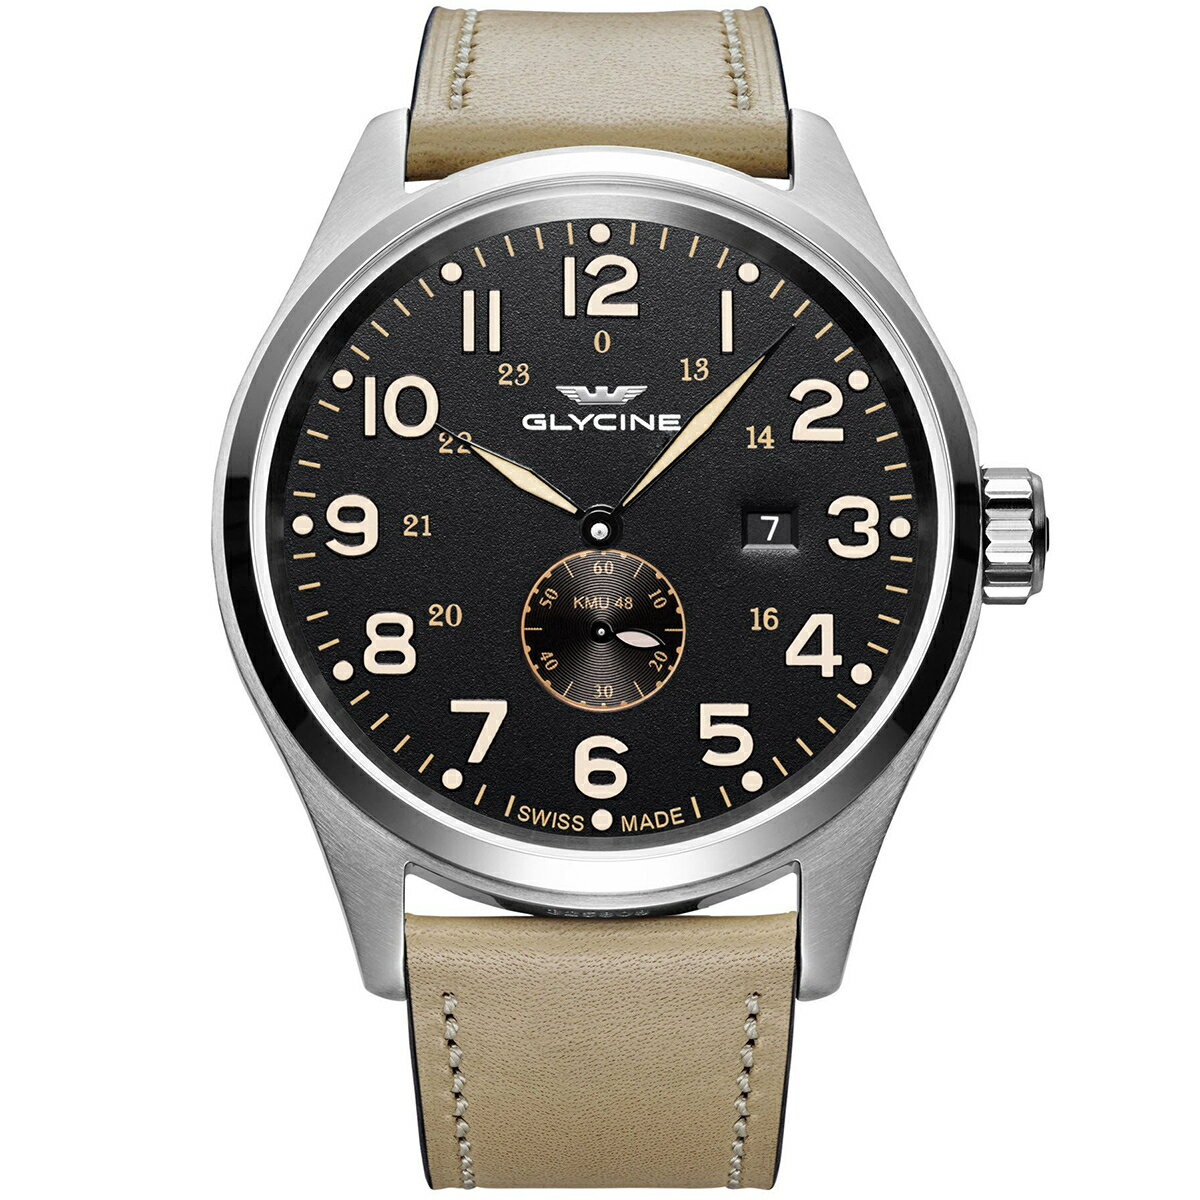 グライシン グリシン GLYCINE KMU GL0132 メンズ 時計 腕時計 自動巻き オートマチック スイス製 スイスメイド パイロット